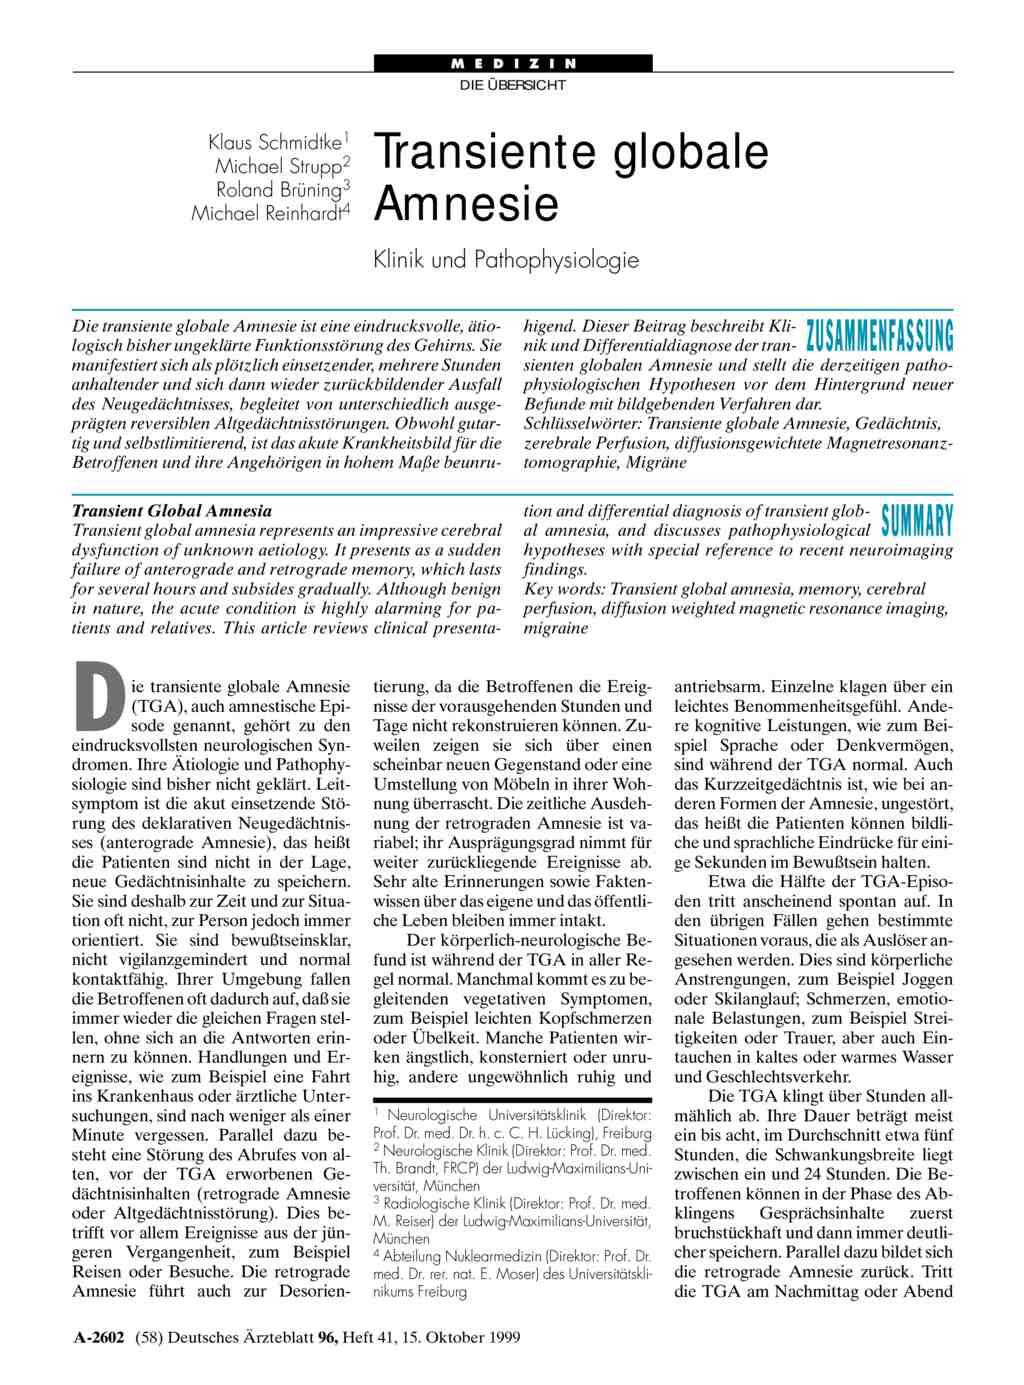 Transiente globale Amnesie: Klinik und Pathophysiologie